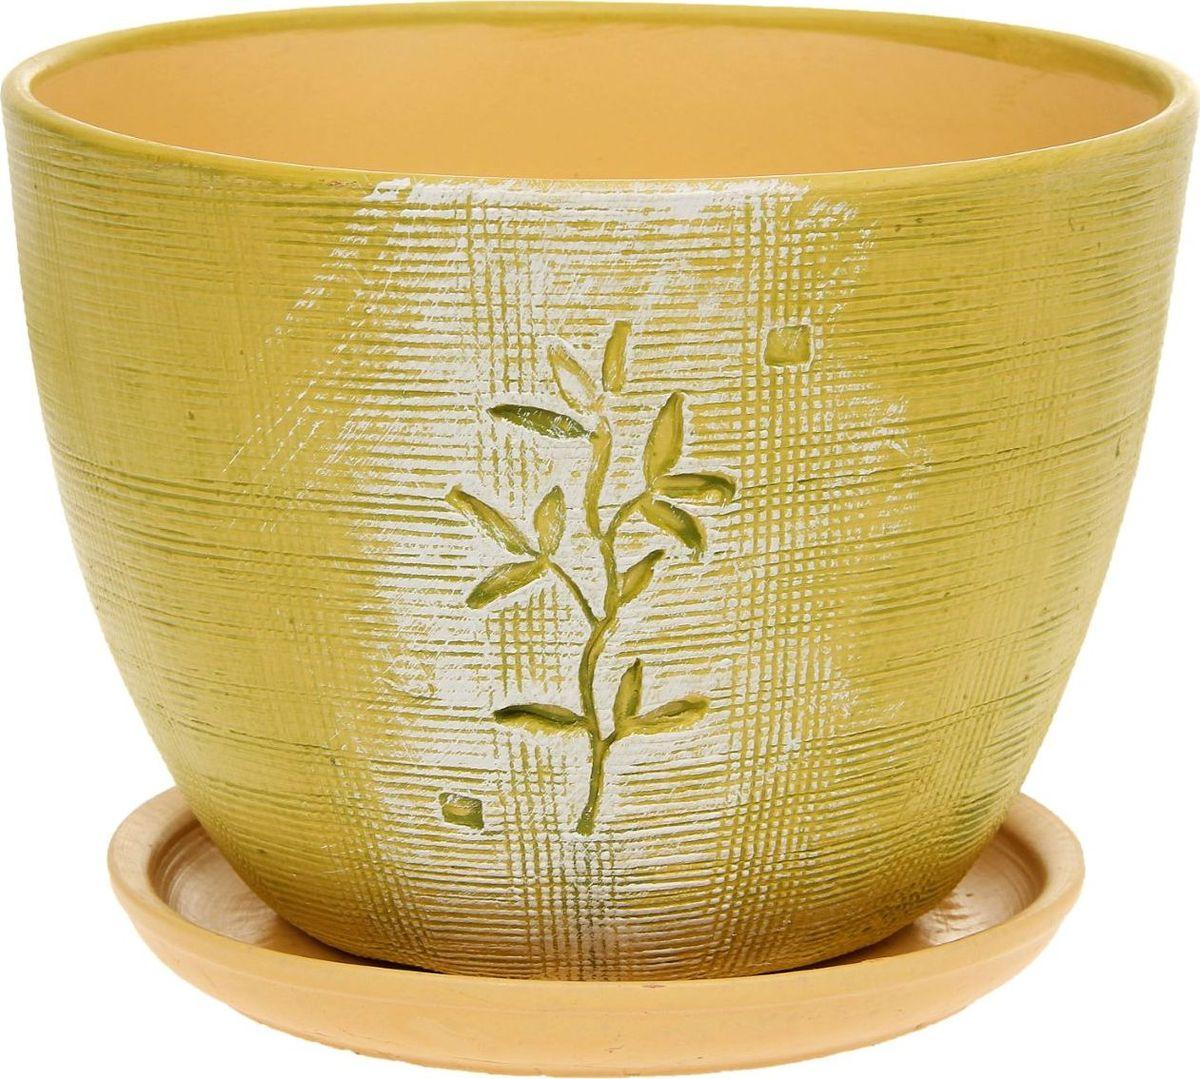 Кашпо Росток, 3 л1138692Комнатные растения — всеобщие любимцы. Они радуют глаз, насыщают помещение кислородом и украшают пространство. Каждому из них необходим свой удобный и красивый дом. Кашпо из керамики прекрасно подходят для высадки растений: за счёт пластичности глины и разных способов обработки существует великое множество форм и дизайновпористый материал позволяет испаряться лишней влагевоздух, необходимый для дыхания корней, проникает сквозь керамические стенки! #name# позаботится о зелёном питомце, освежит интерьер и подчеркнёт его стиль.